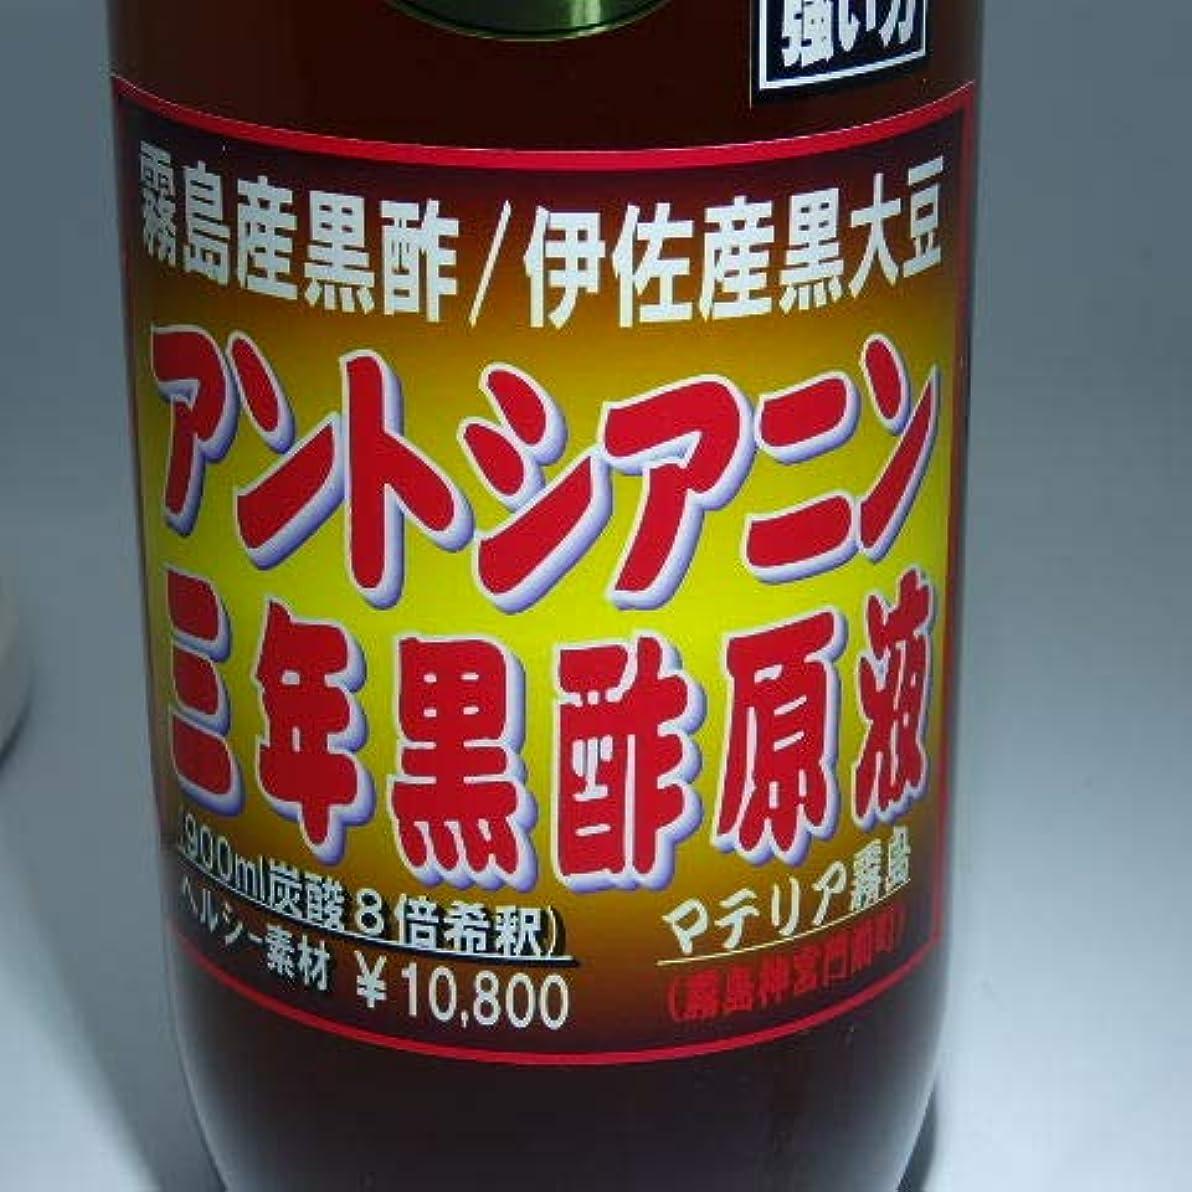 裁量ピラミッド発信黒酢黒豆乳酸系原液/3年熟成(900ml)60日分¥10,800